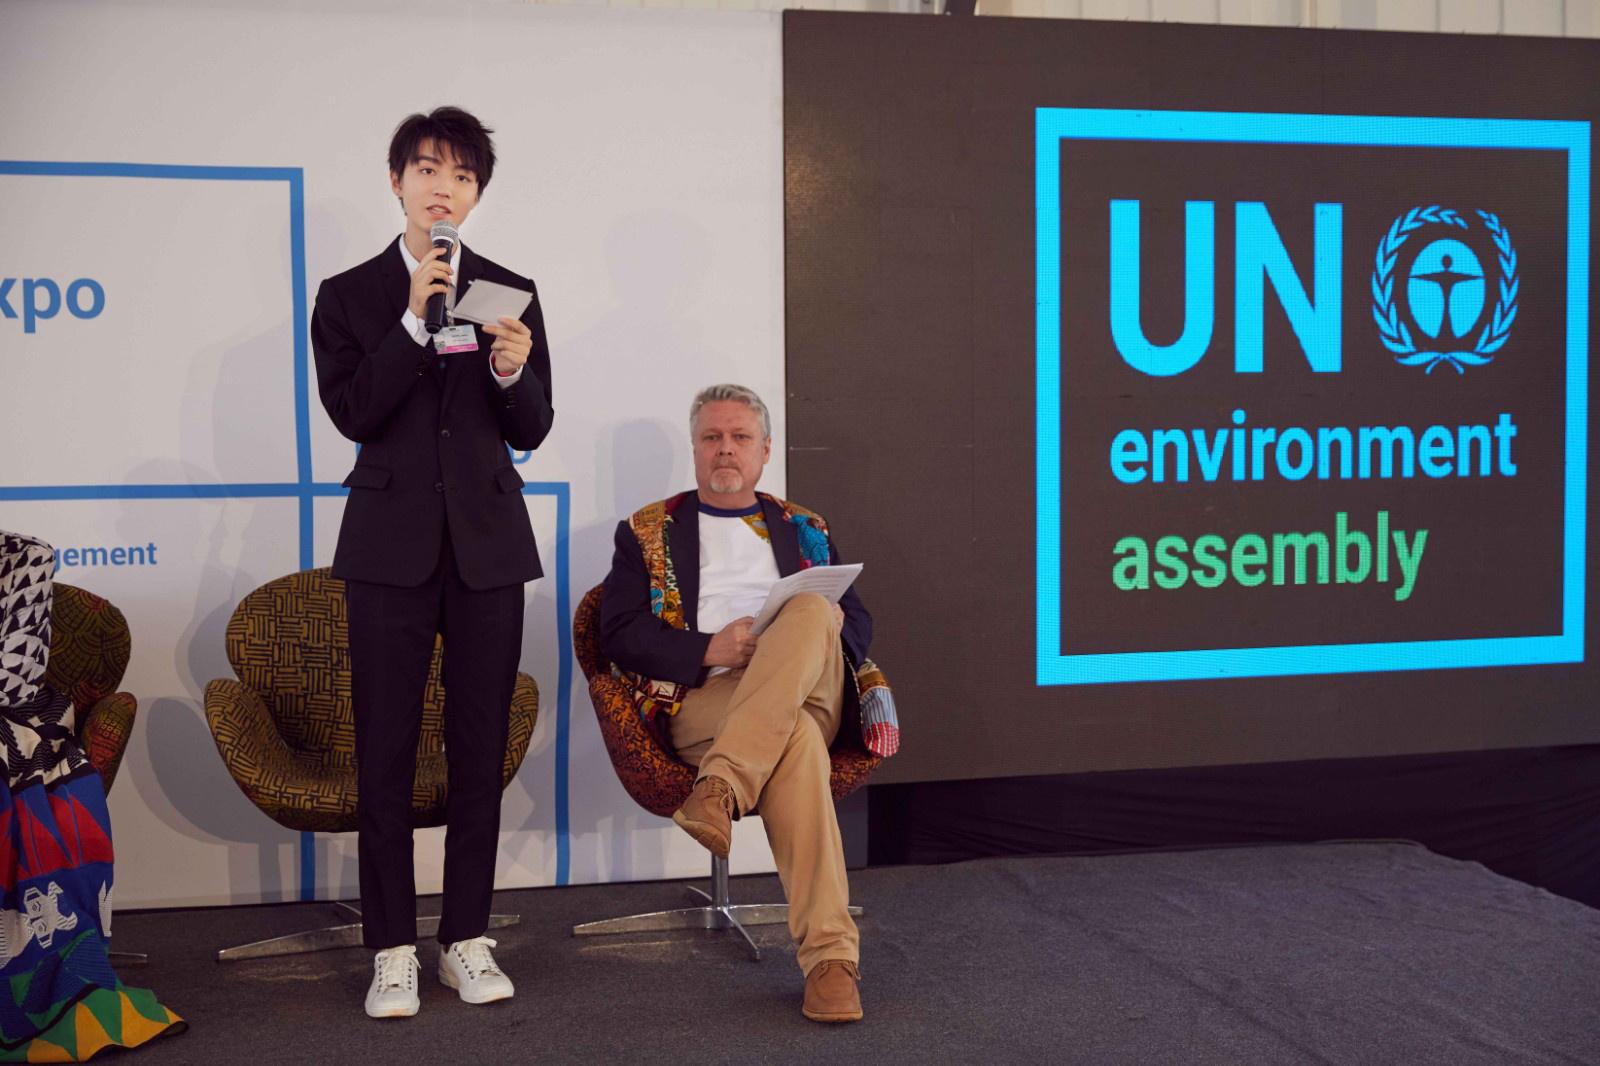 王俊凯受邀出席联合国会议 全英文演讲为环保发声